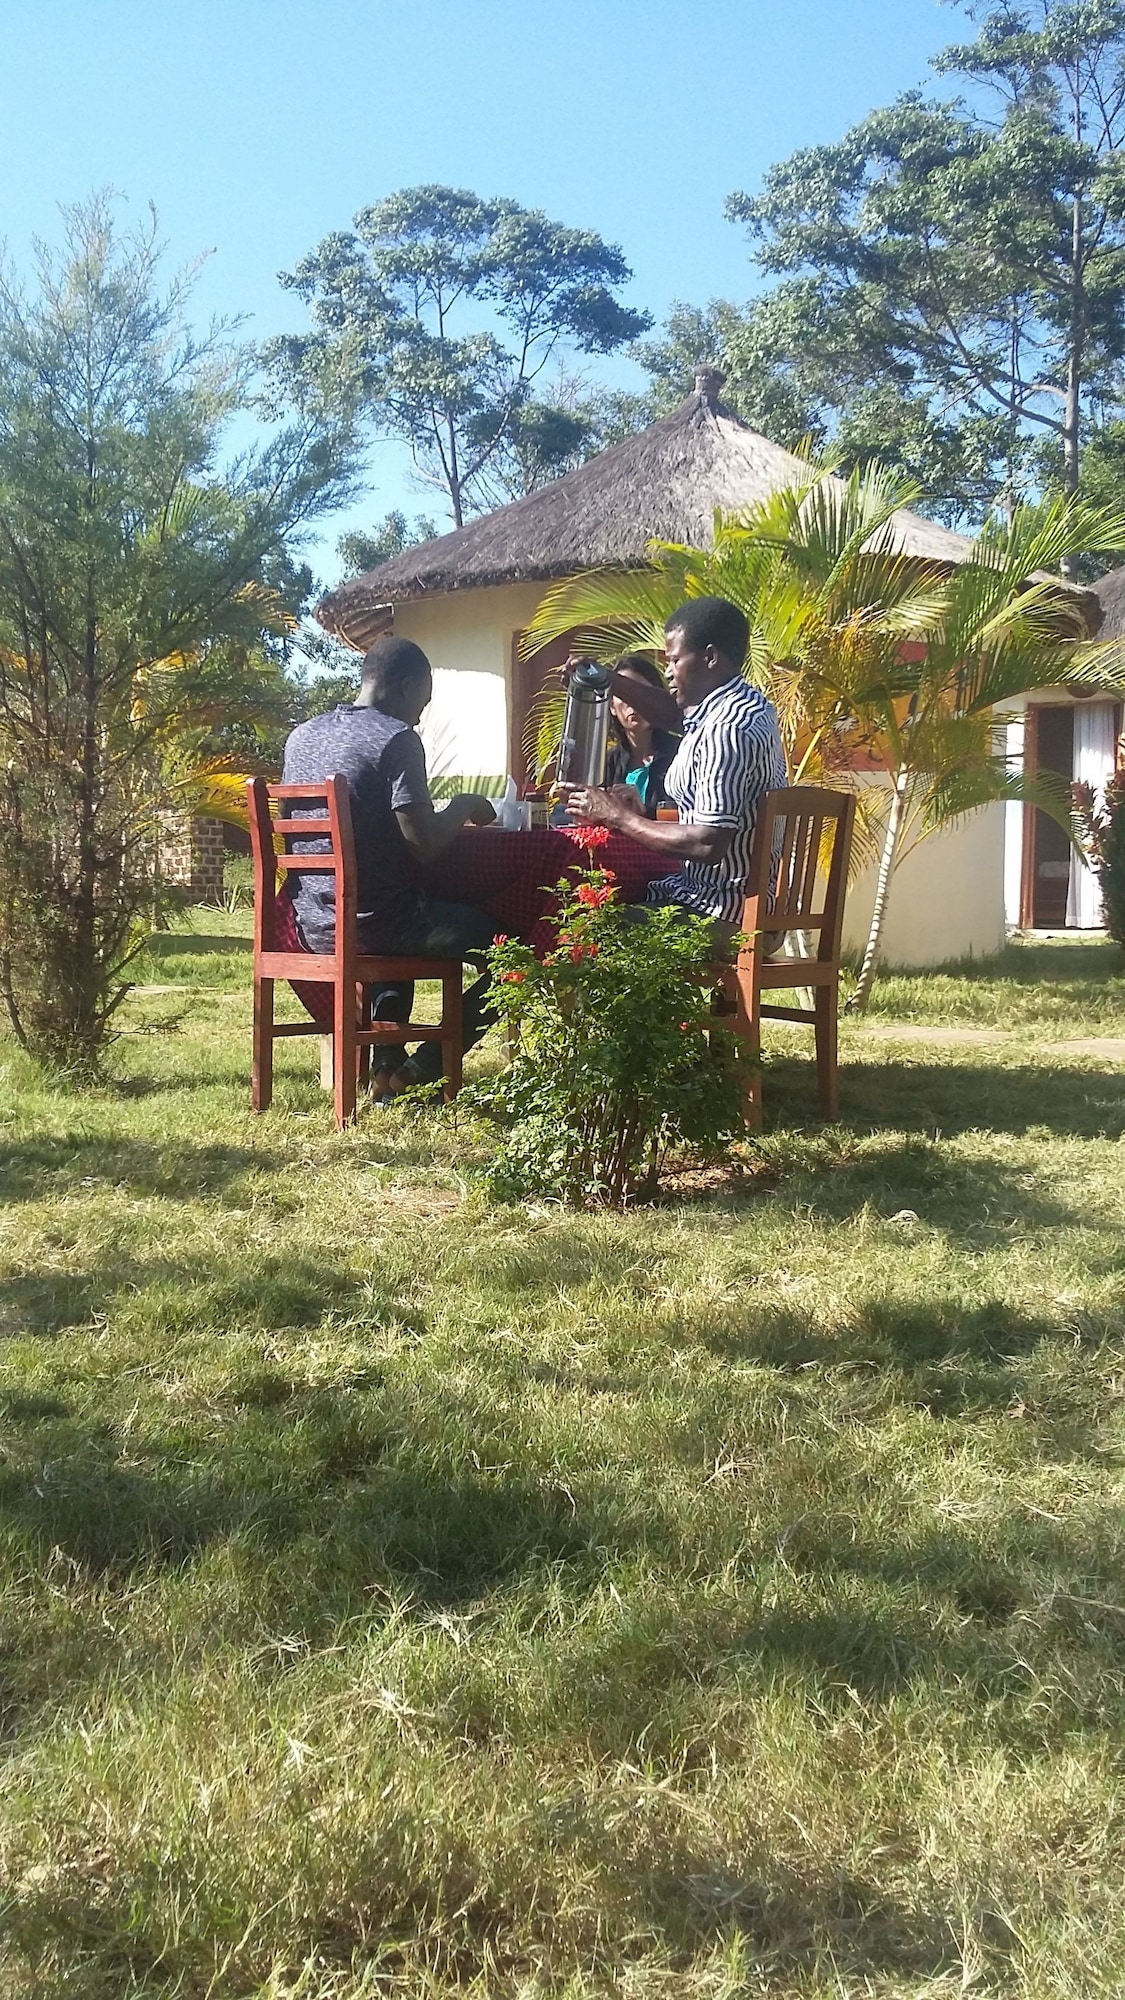 Ukerewe Garden View Bungalow at Bwiru Village Homestay, Ukerewe